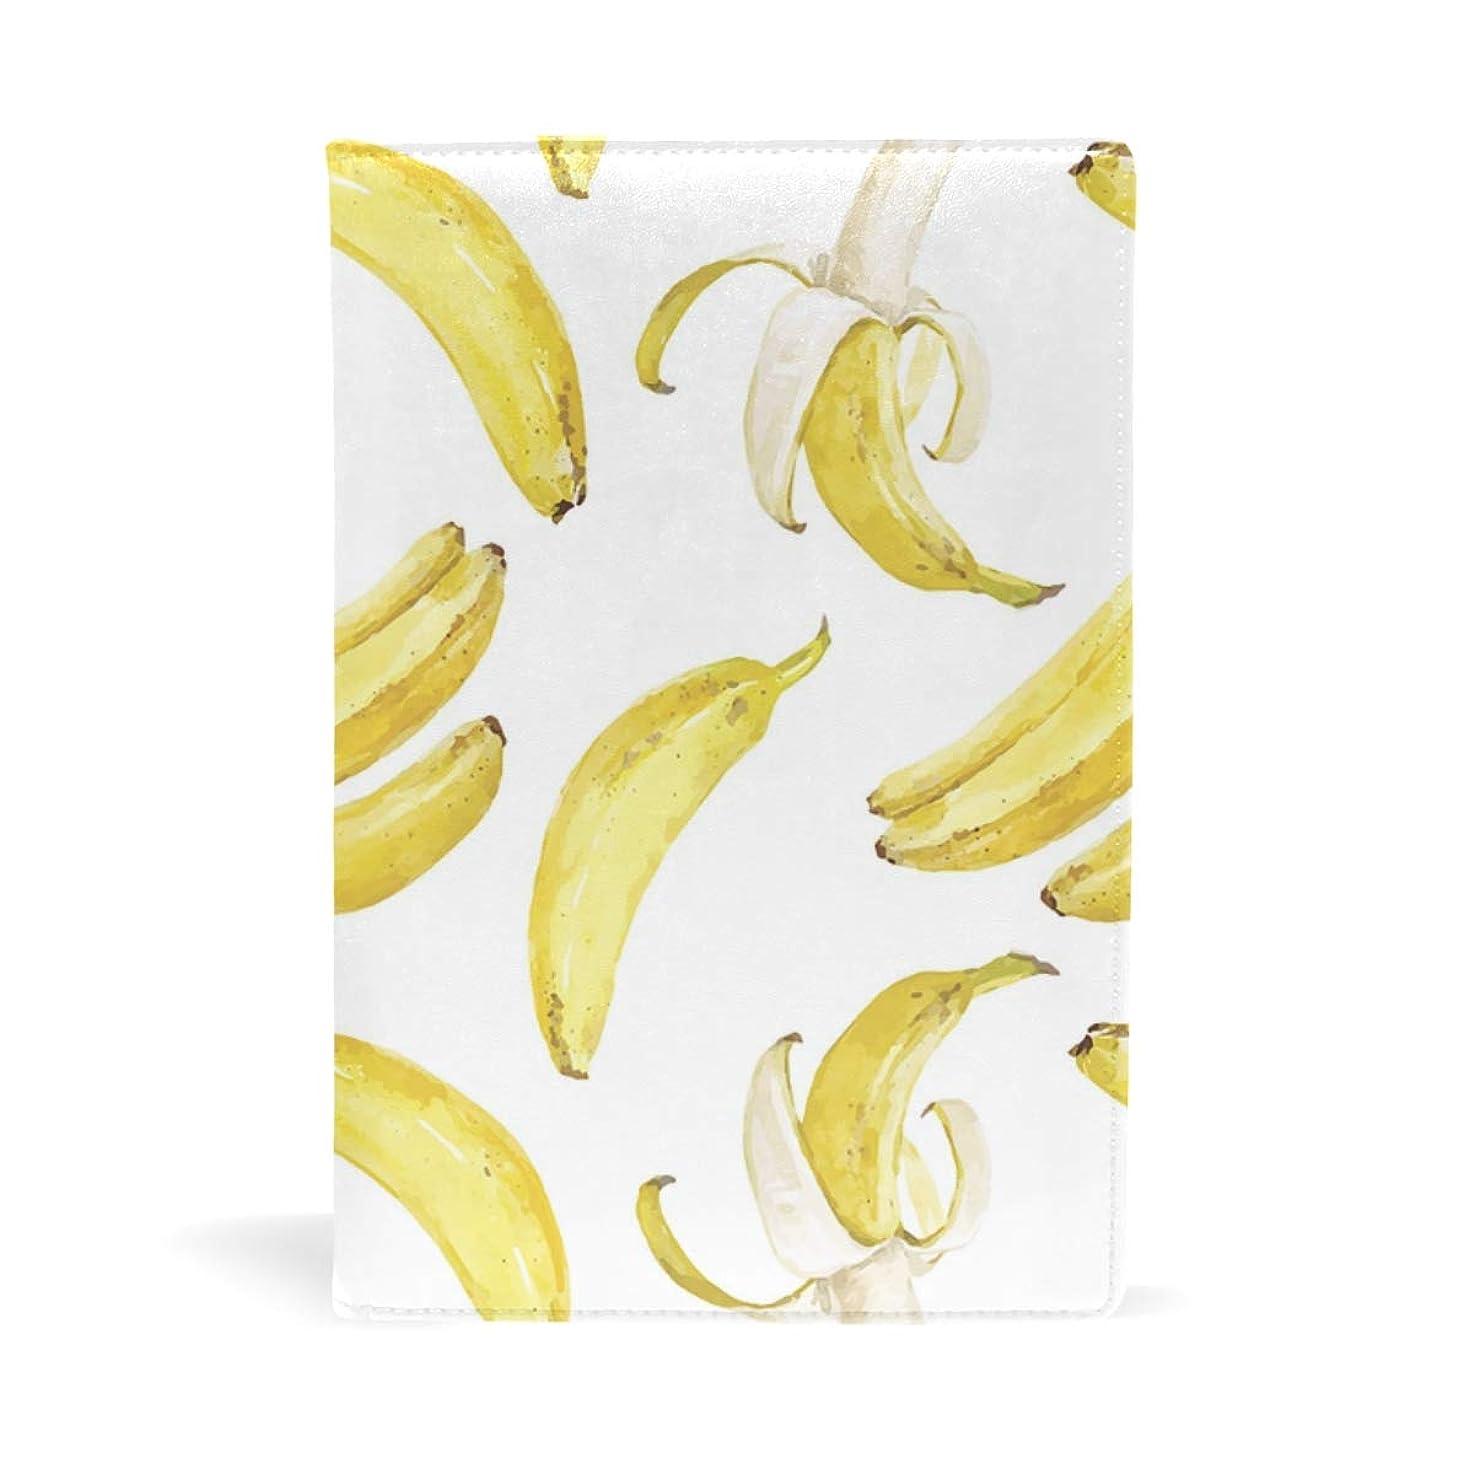 振り子命題軍バナナ 果物柄 ブックカバー 文庫 a5 皮革 おしゃれ 文庫本カバー 資料 収納入れ オフィス用品 読書 雑貨 プレゼント耐久性に優れ